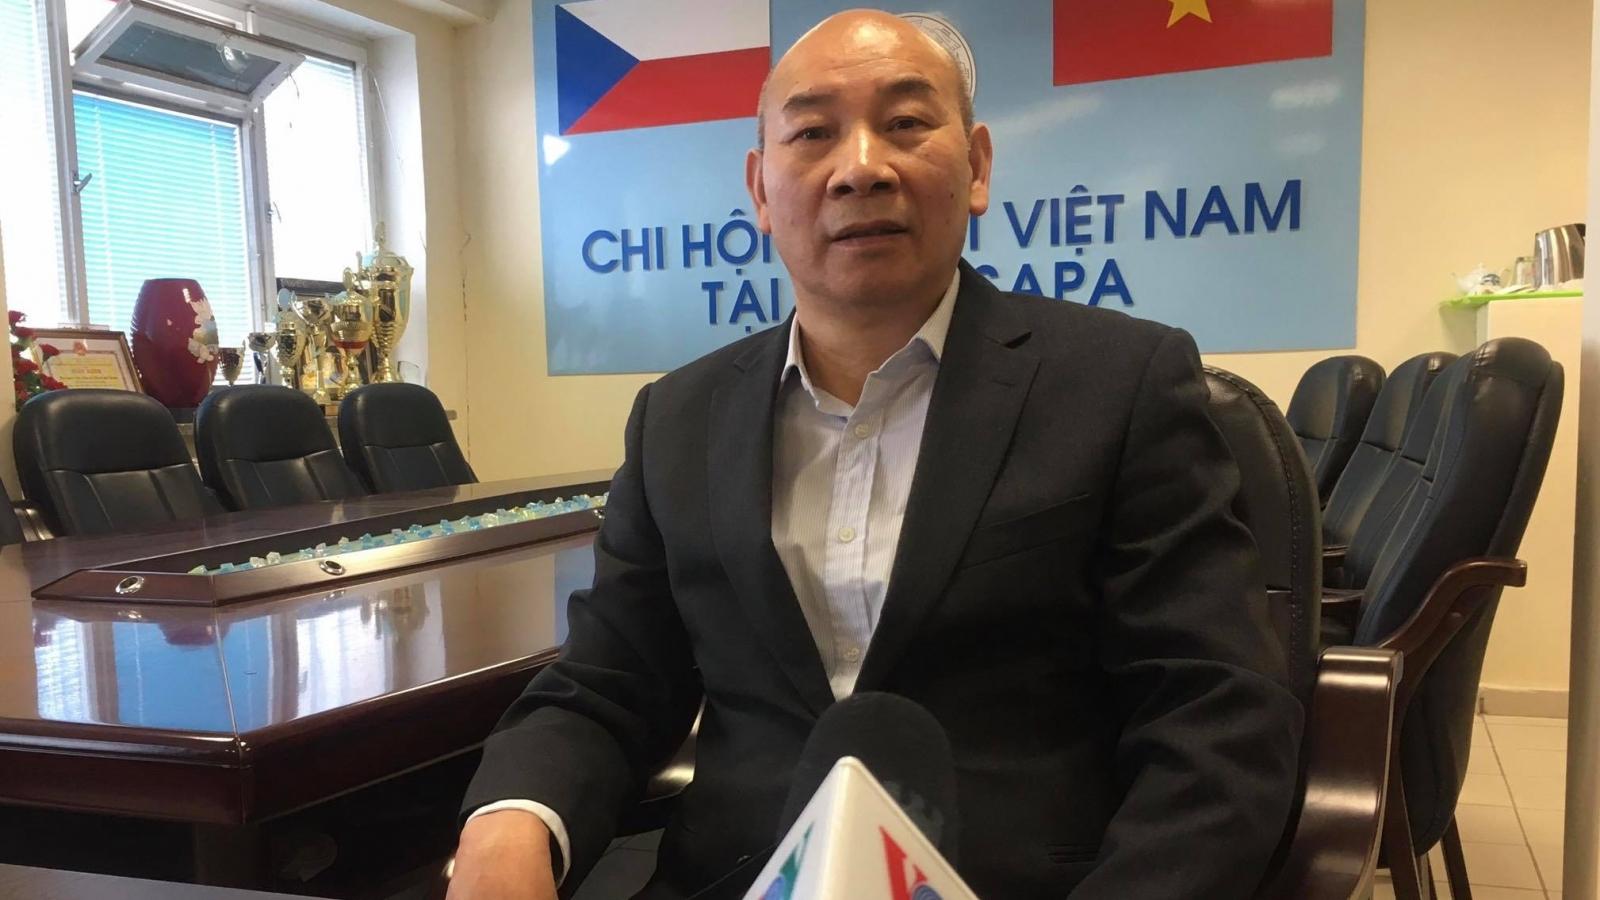 Kiều bào tin tưởng vào con đường đi lên chủ nghĩa xã hội ở Việt Nam